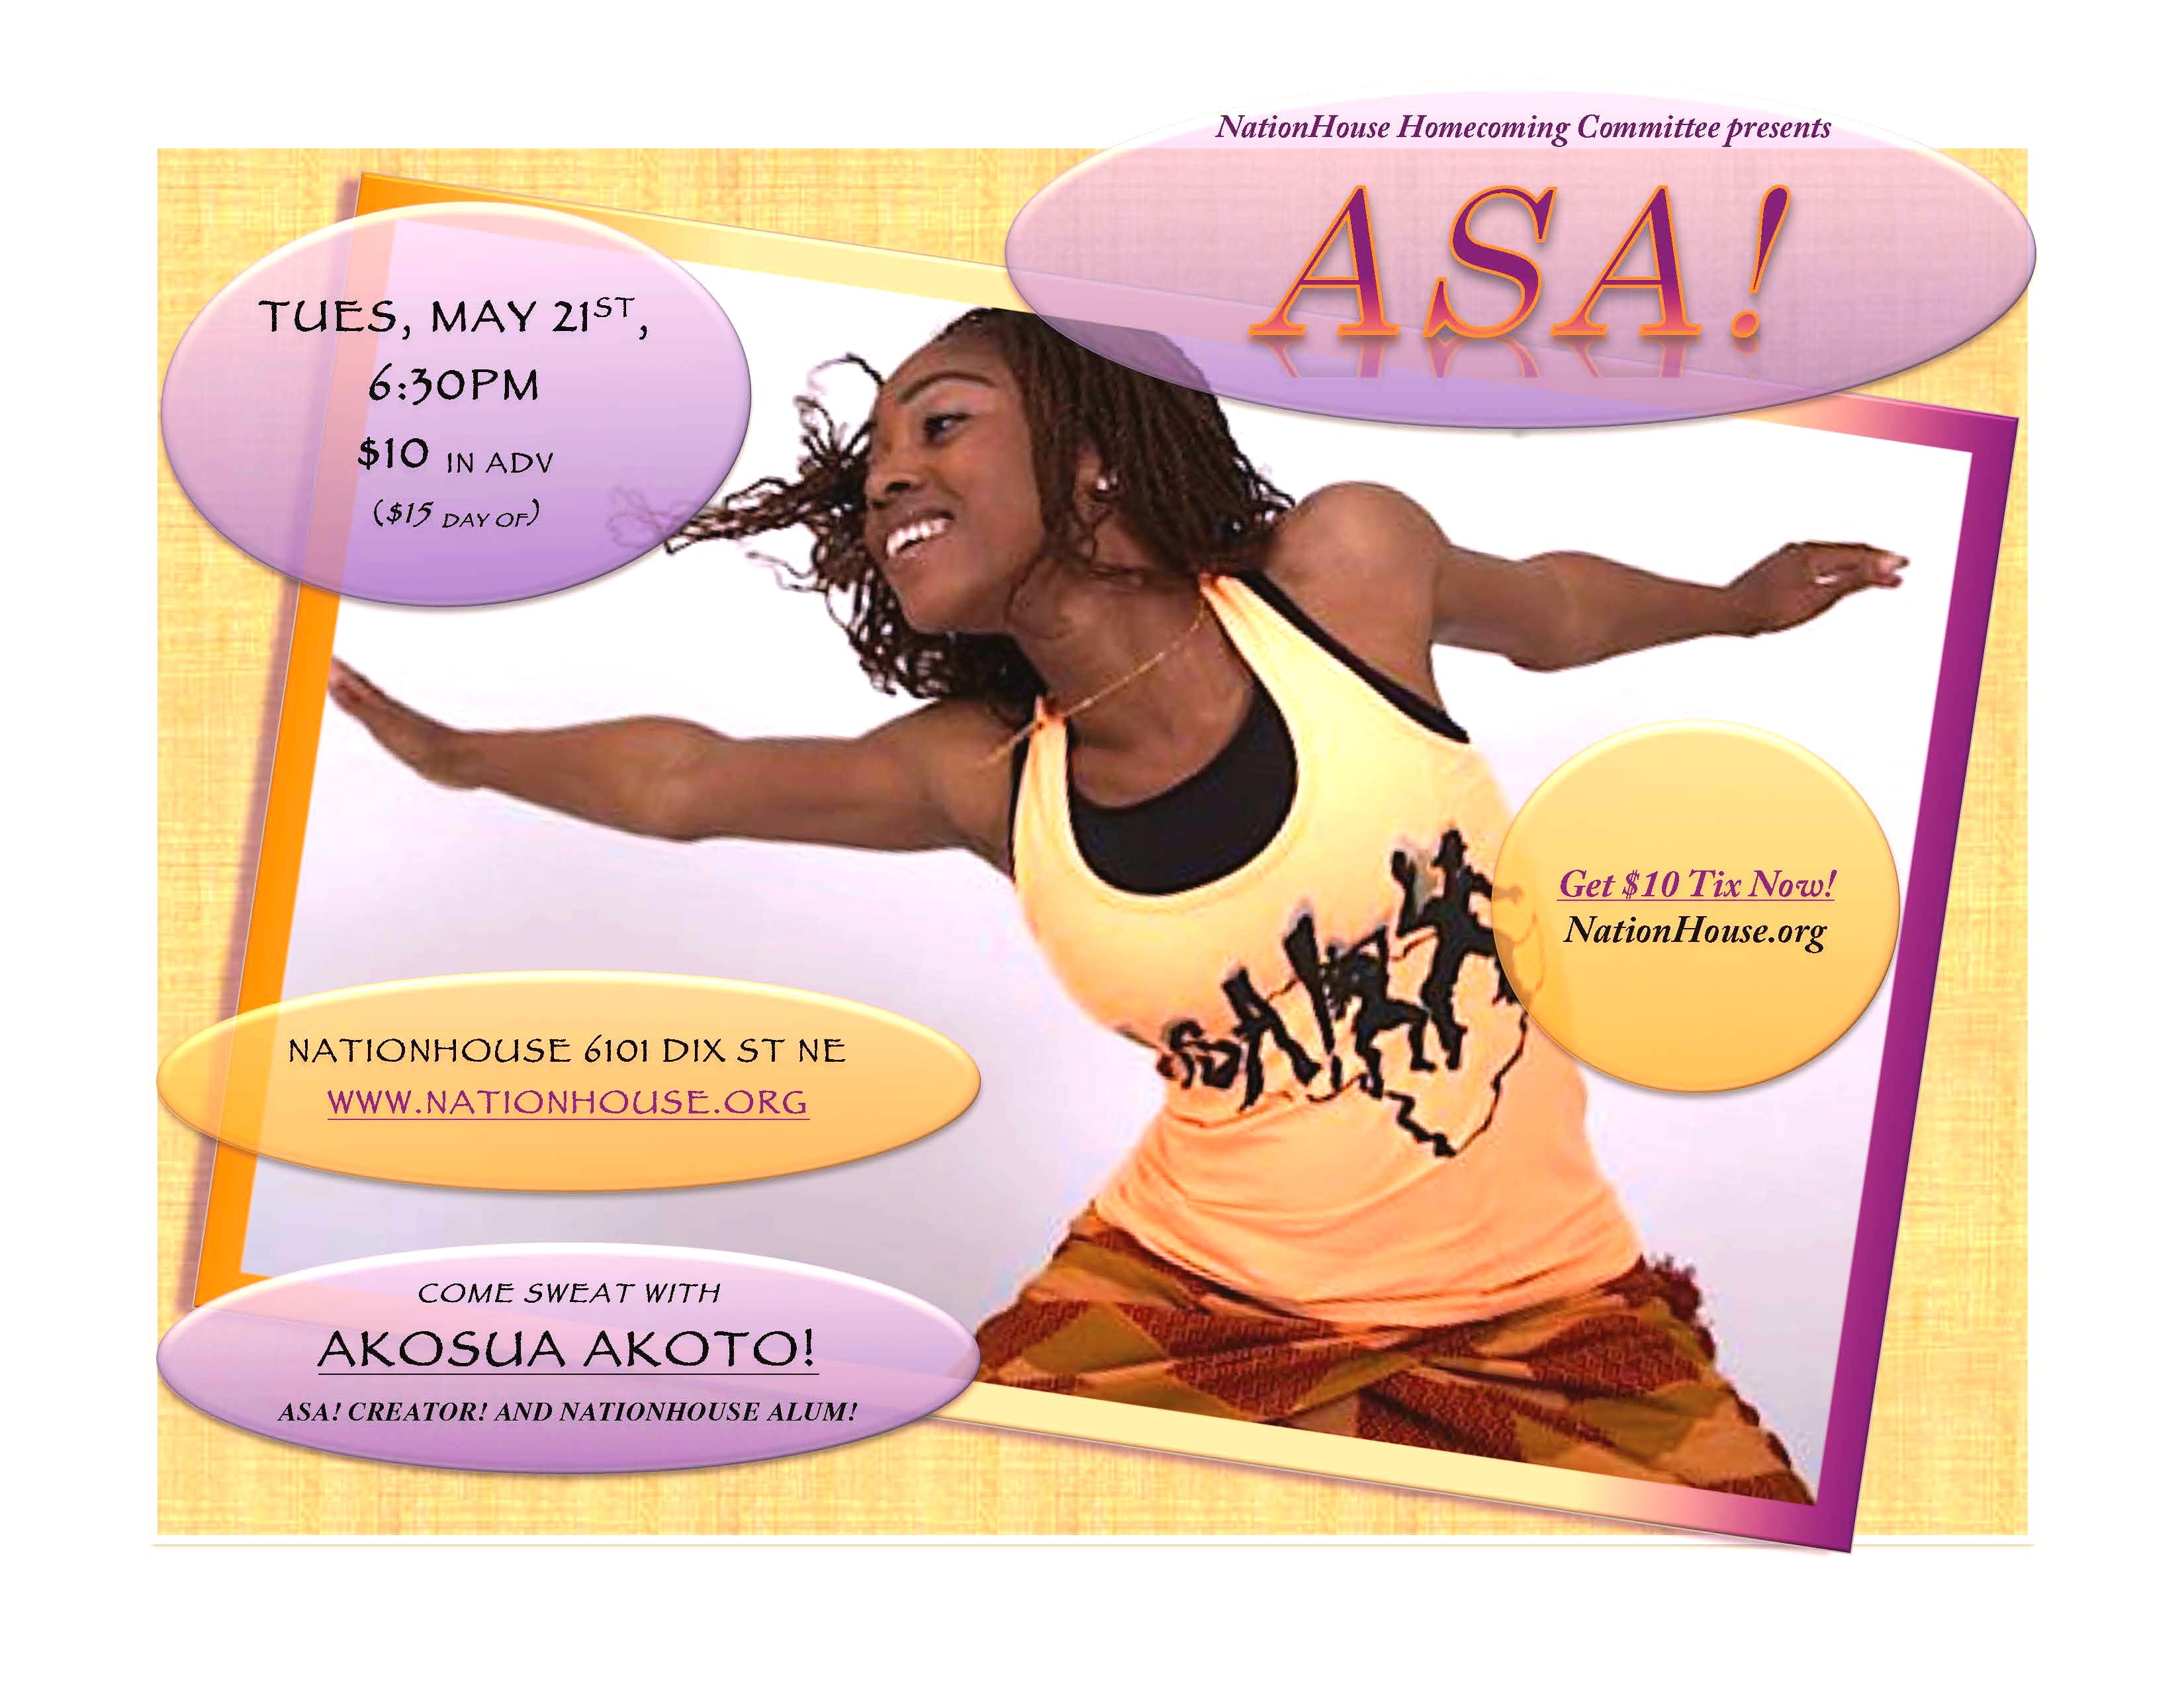 ASA flyer